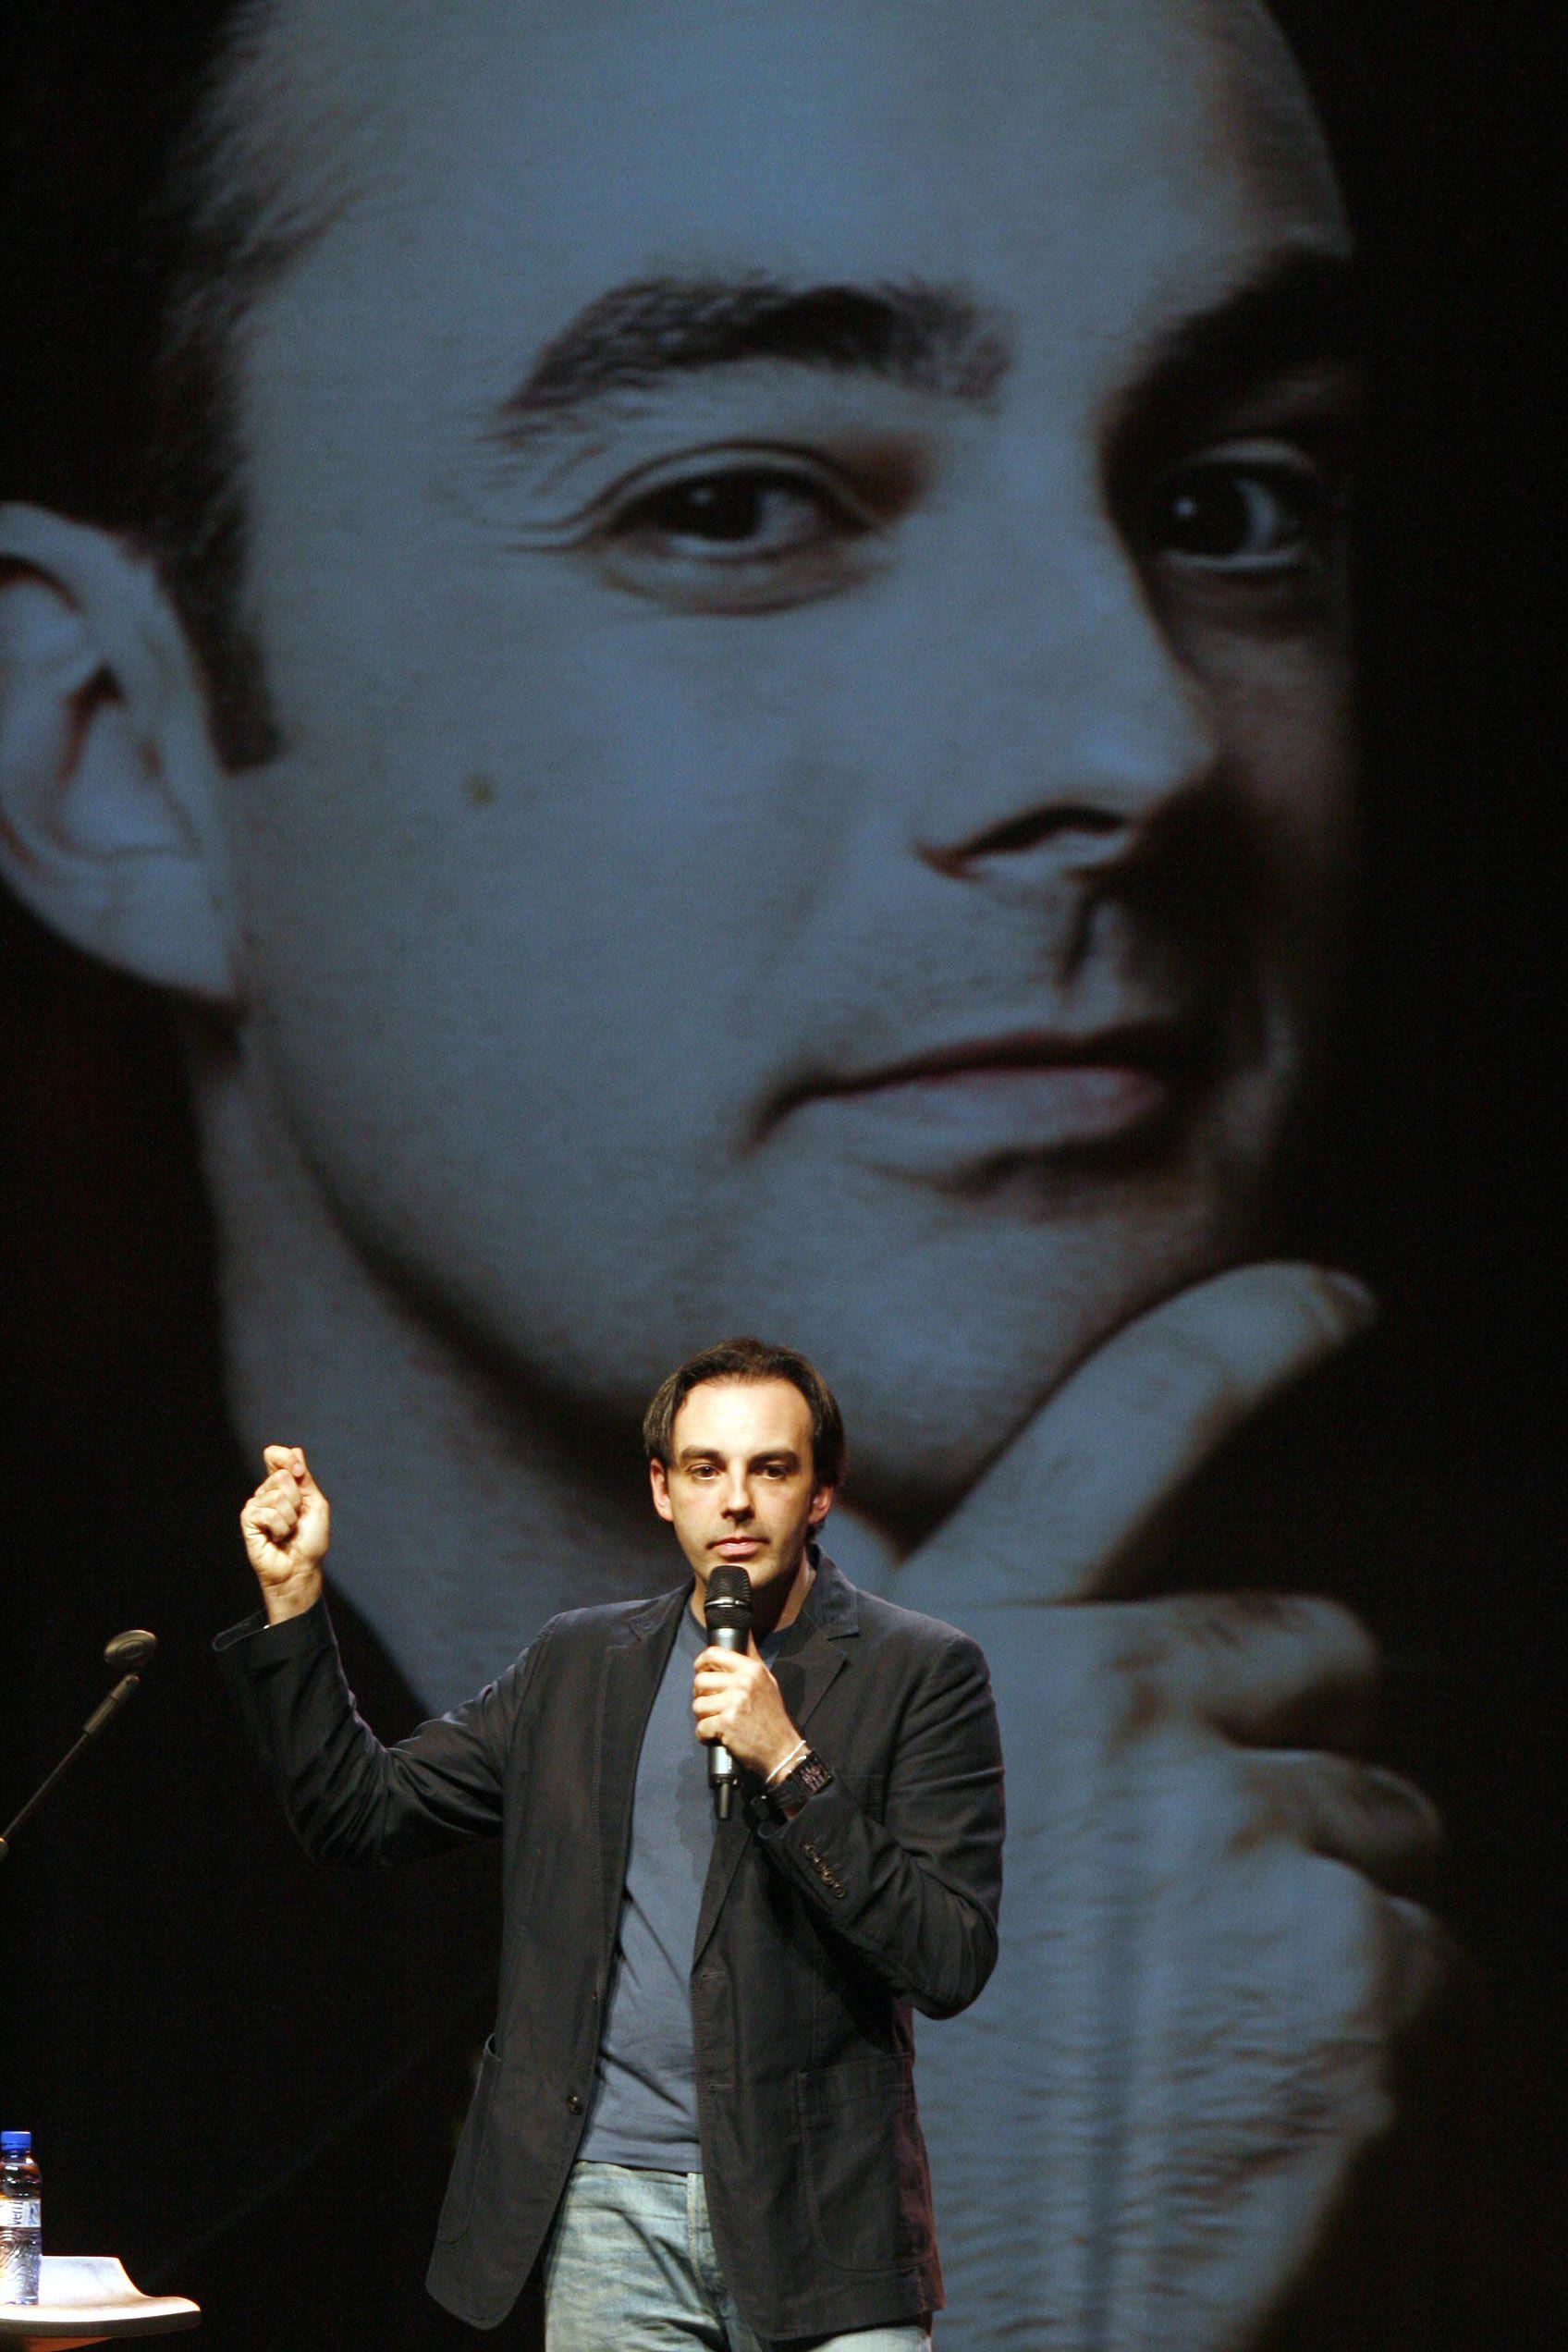 El Club De La Comedia Arriba Txabi A Latlantidavic Amb Franquesa I Pedro Llamas Organitzat Per Comedy Deluxe Comedia